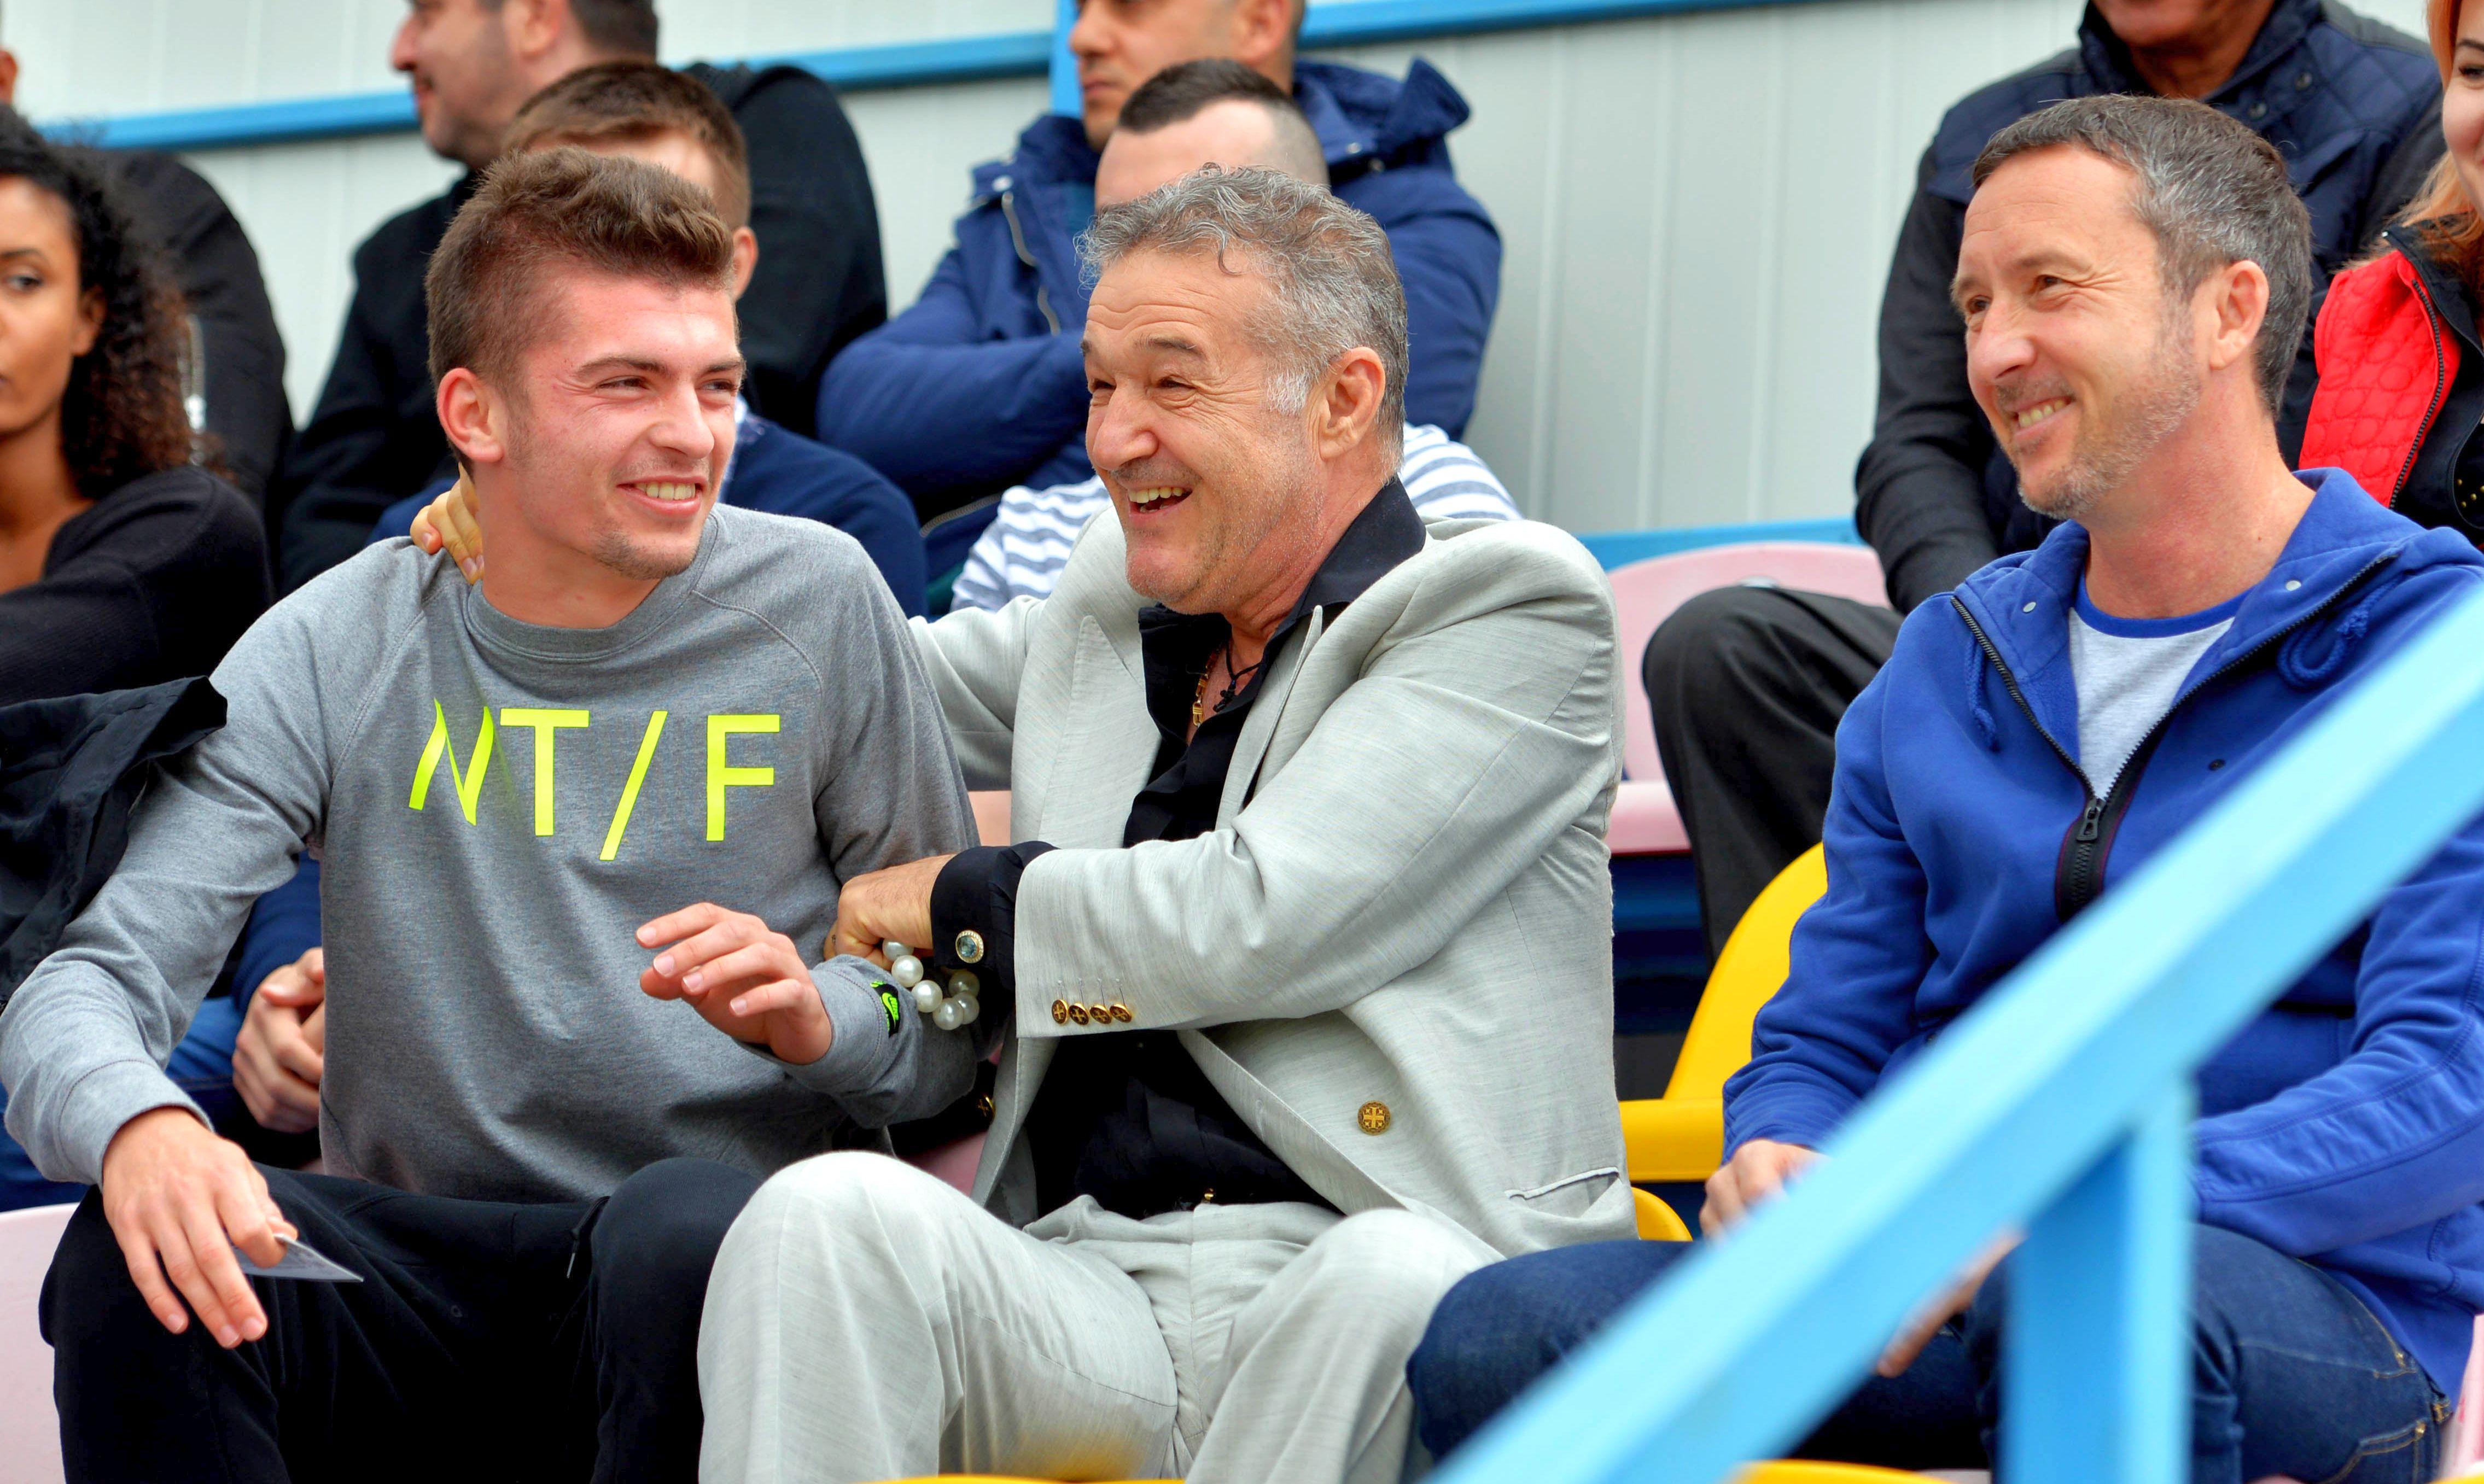 """""""Uite ce face nenea Tănase"""". Gigi Becali, un nou eșec în negocierile pentru prelungirea contractului căpitanului de la FCSB"""